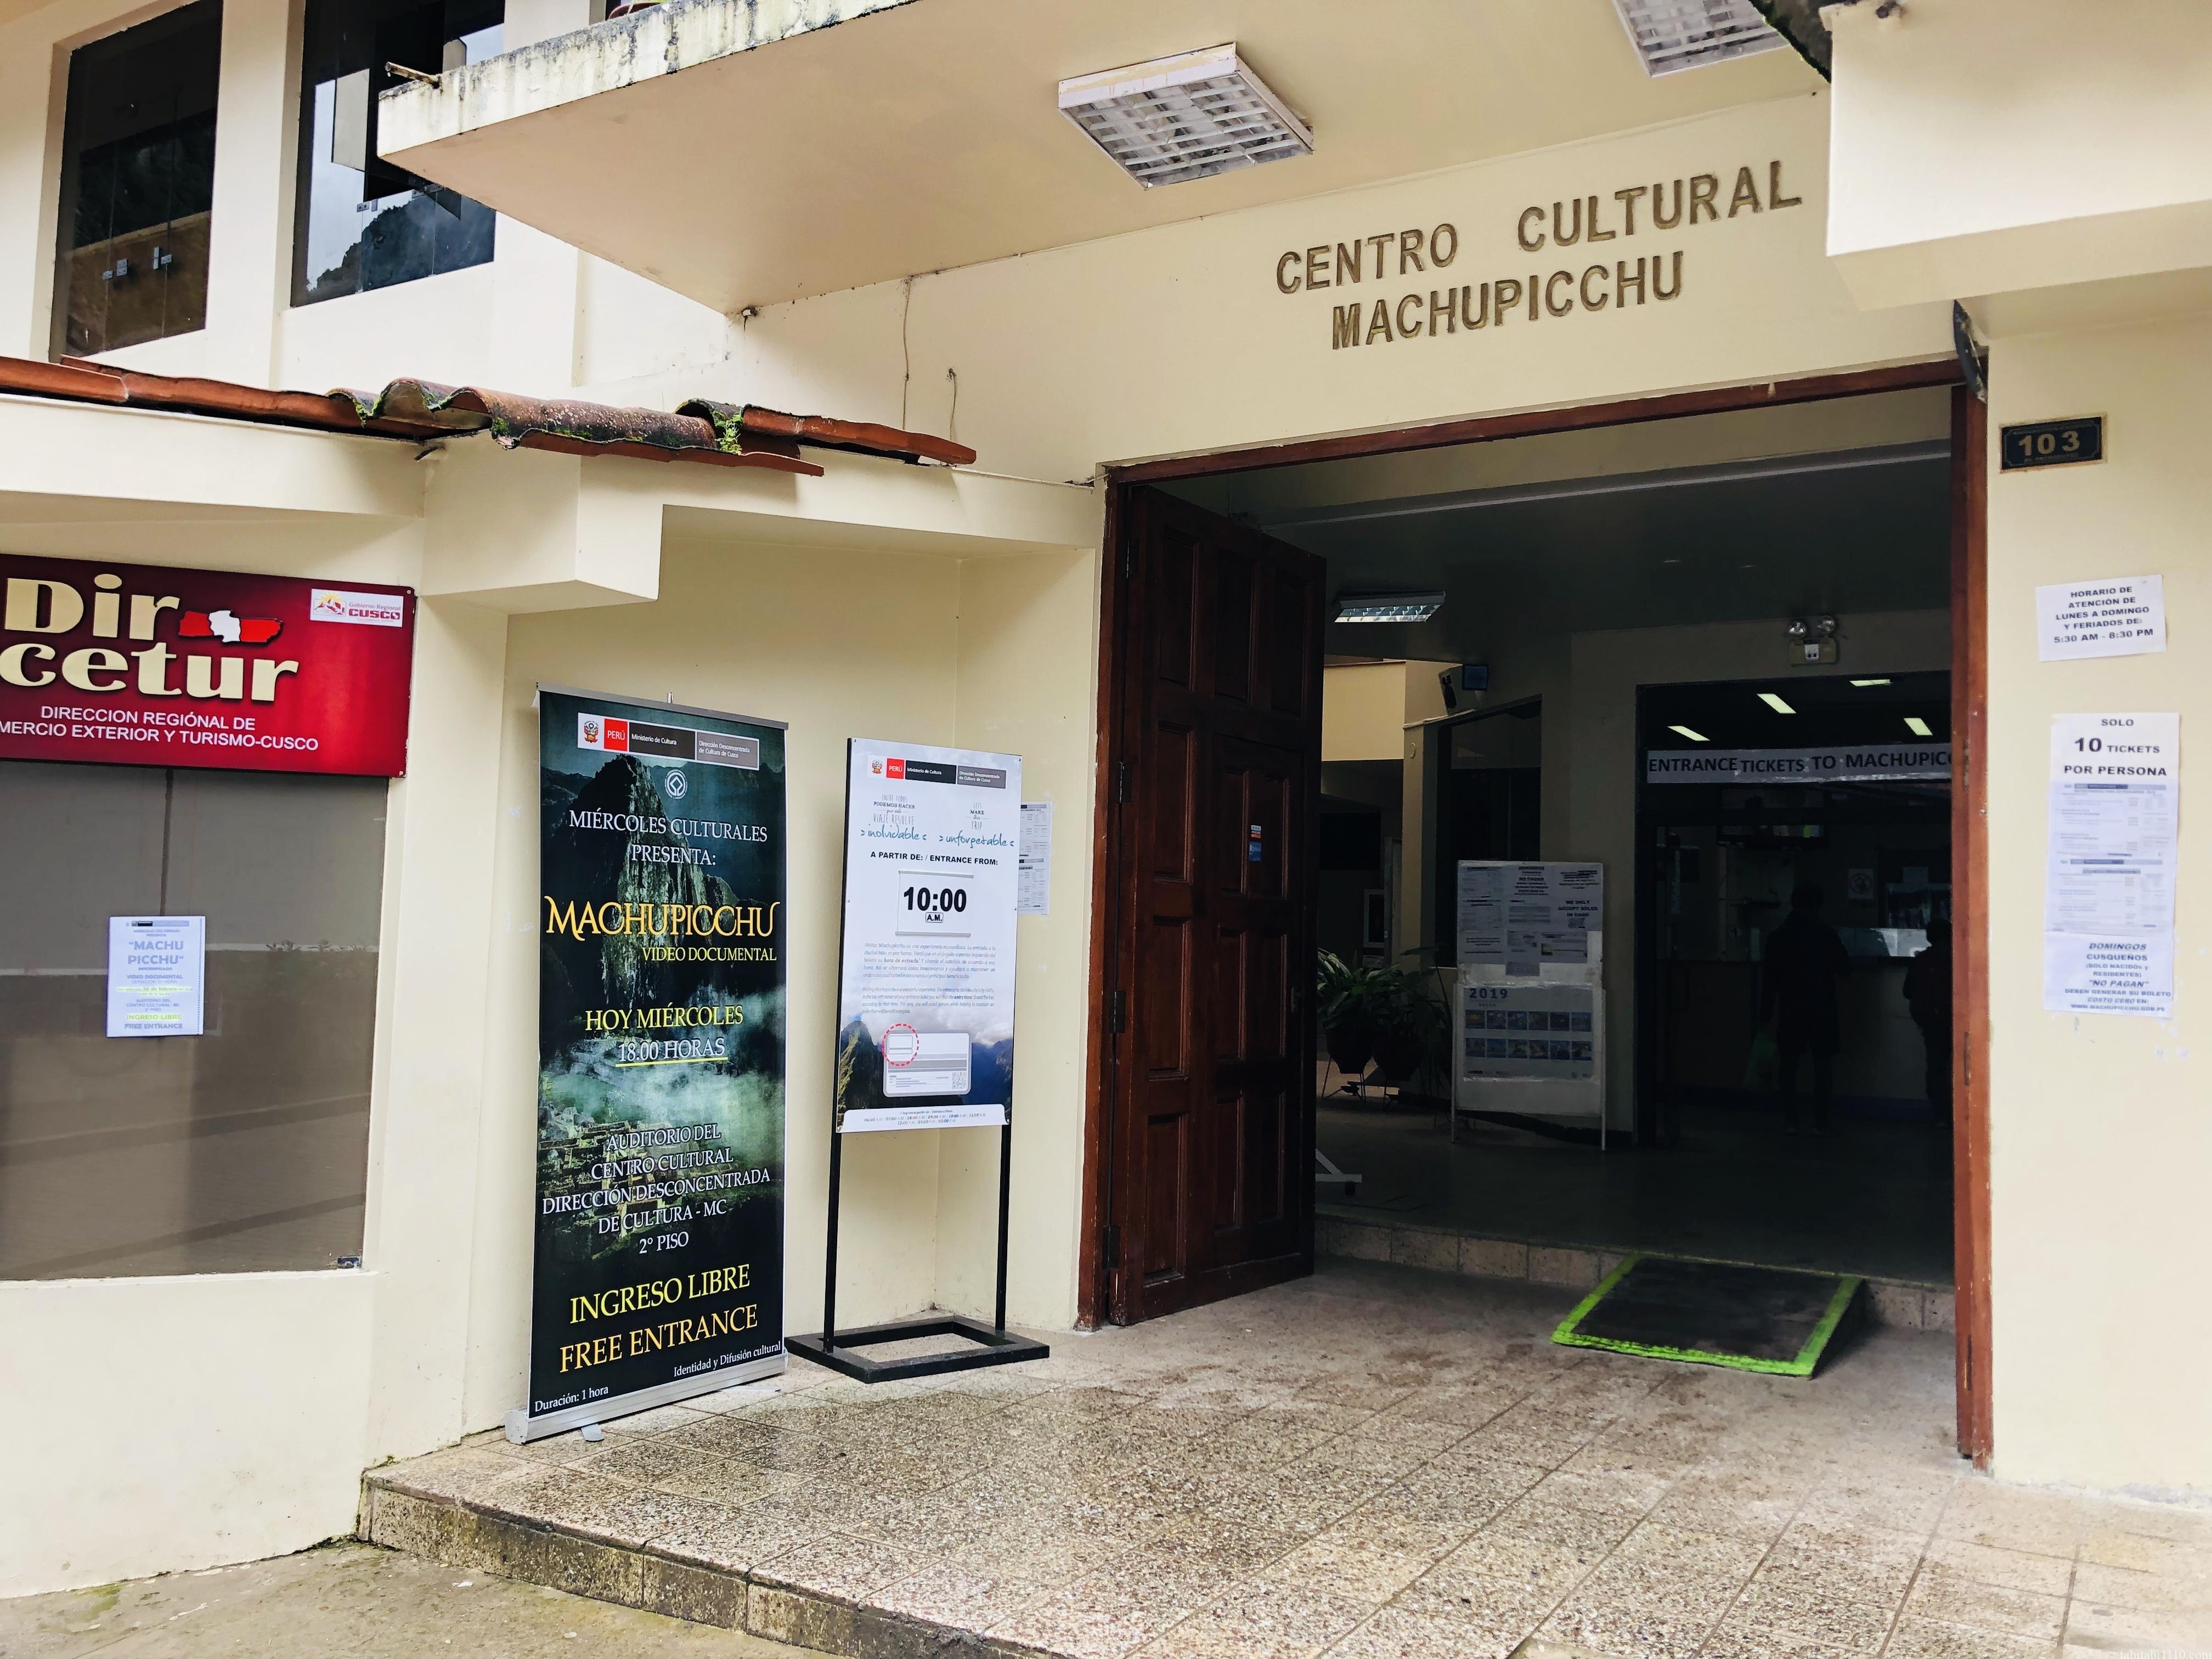 マチュピチュ観光センター